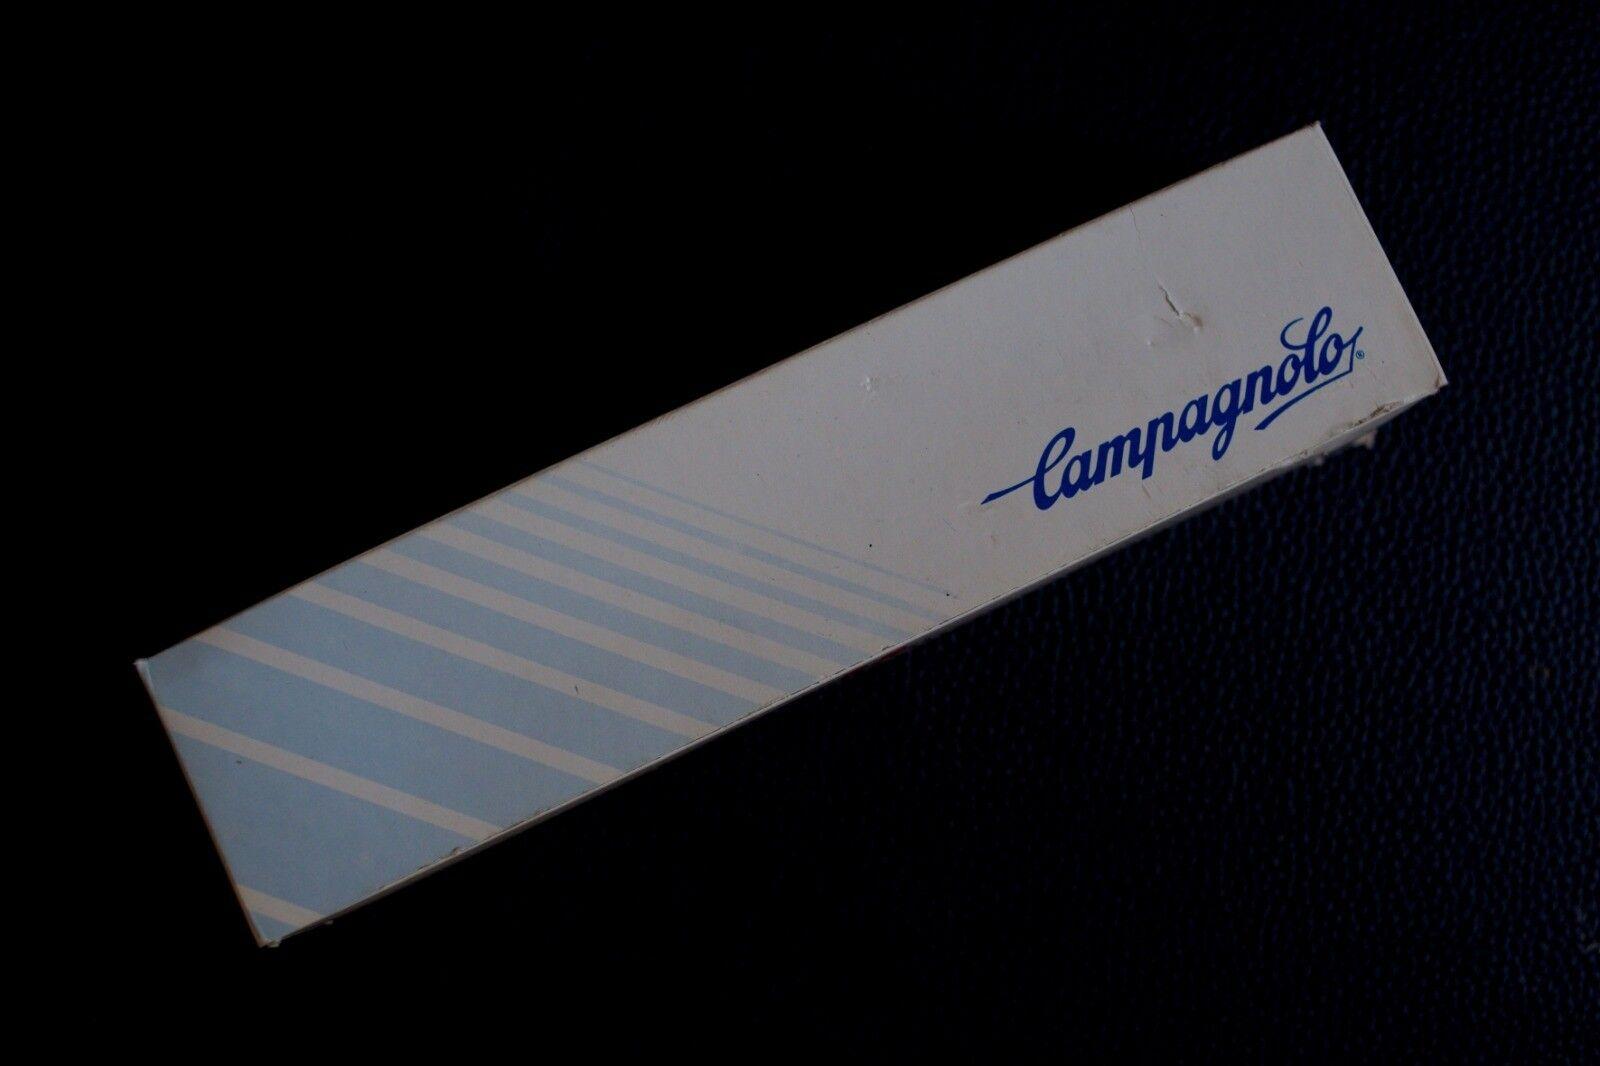 NIB NOS Campagnolo C-Record 26.2 mm seat post